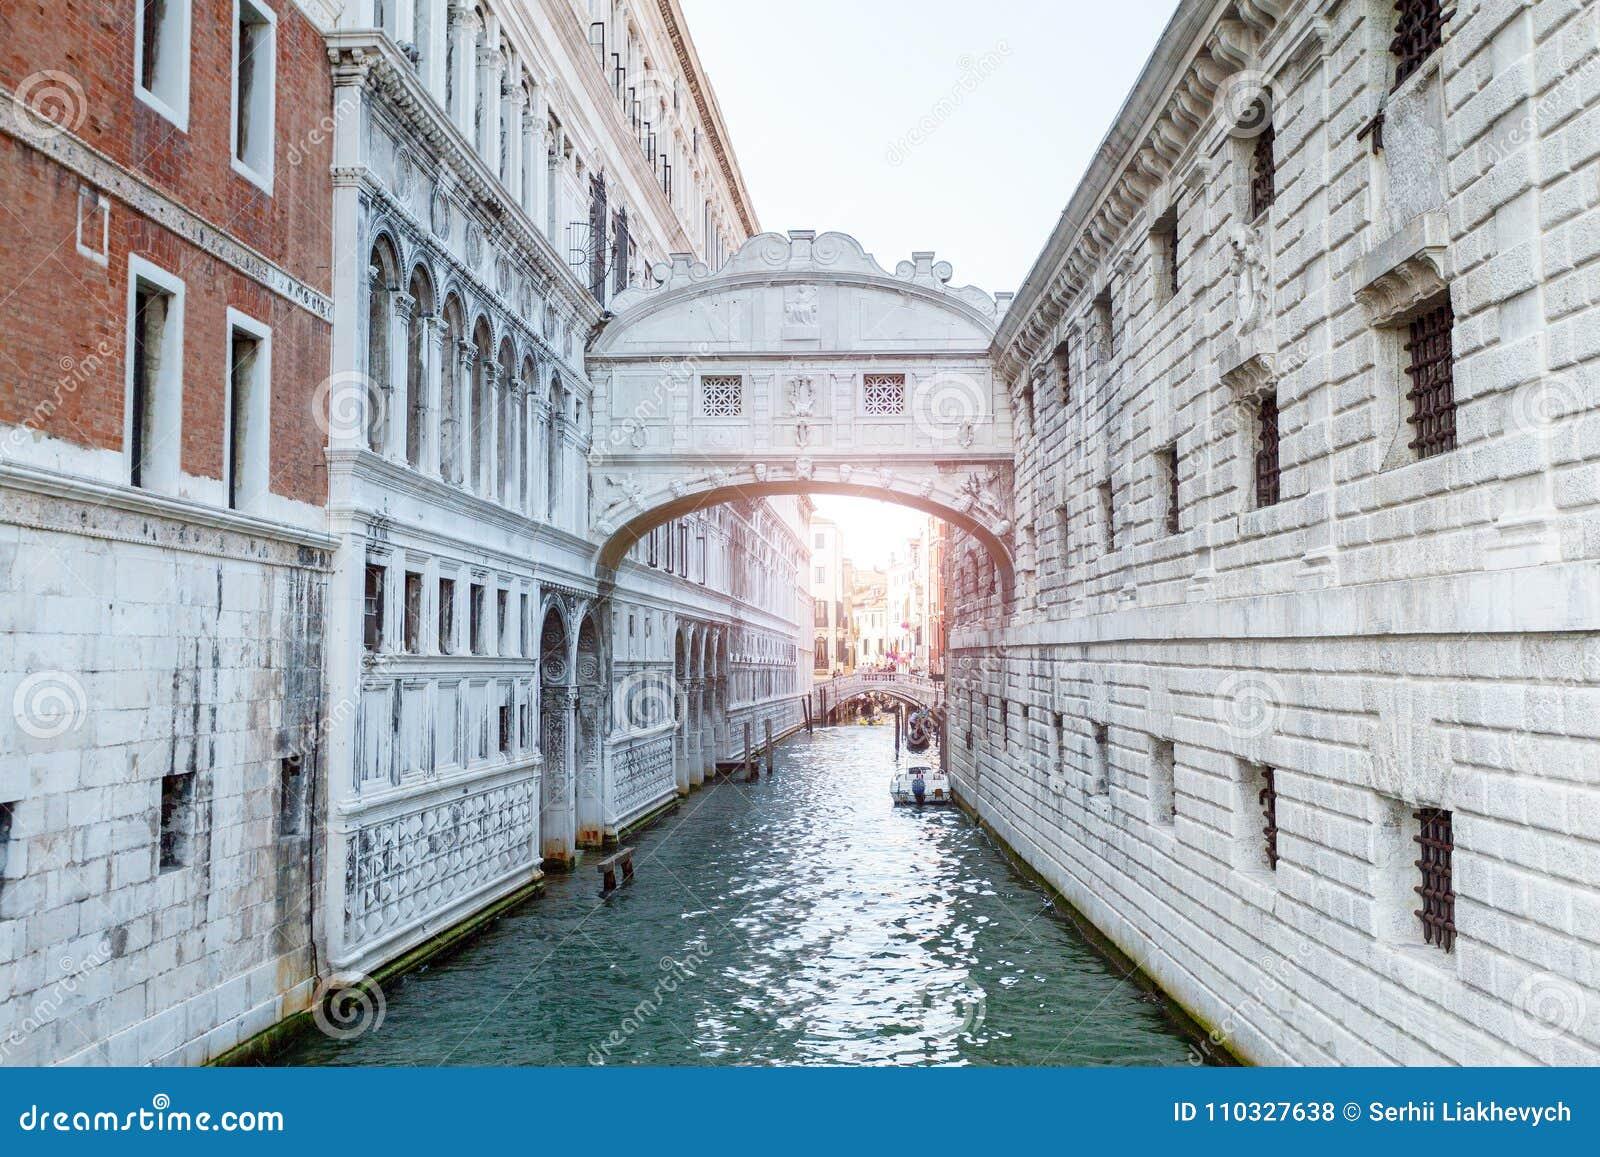 Puente De Los Suspiros Venecia Italia Foto De Archivo Imagen De Barco Turista 110327638